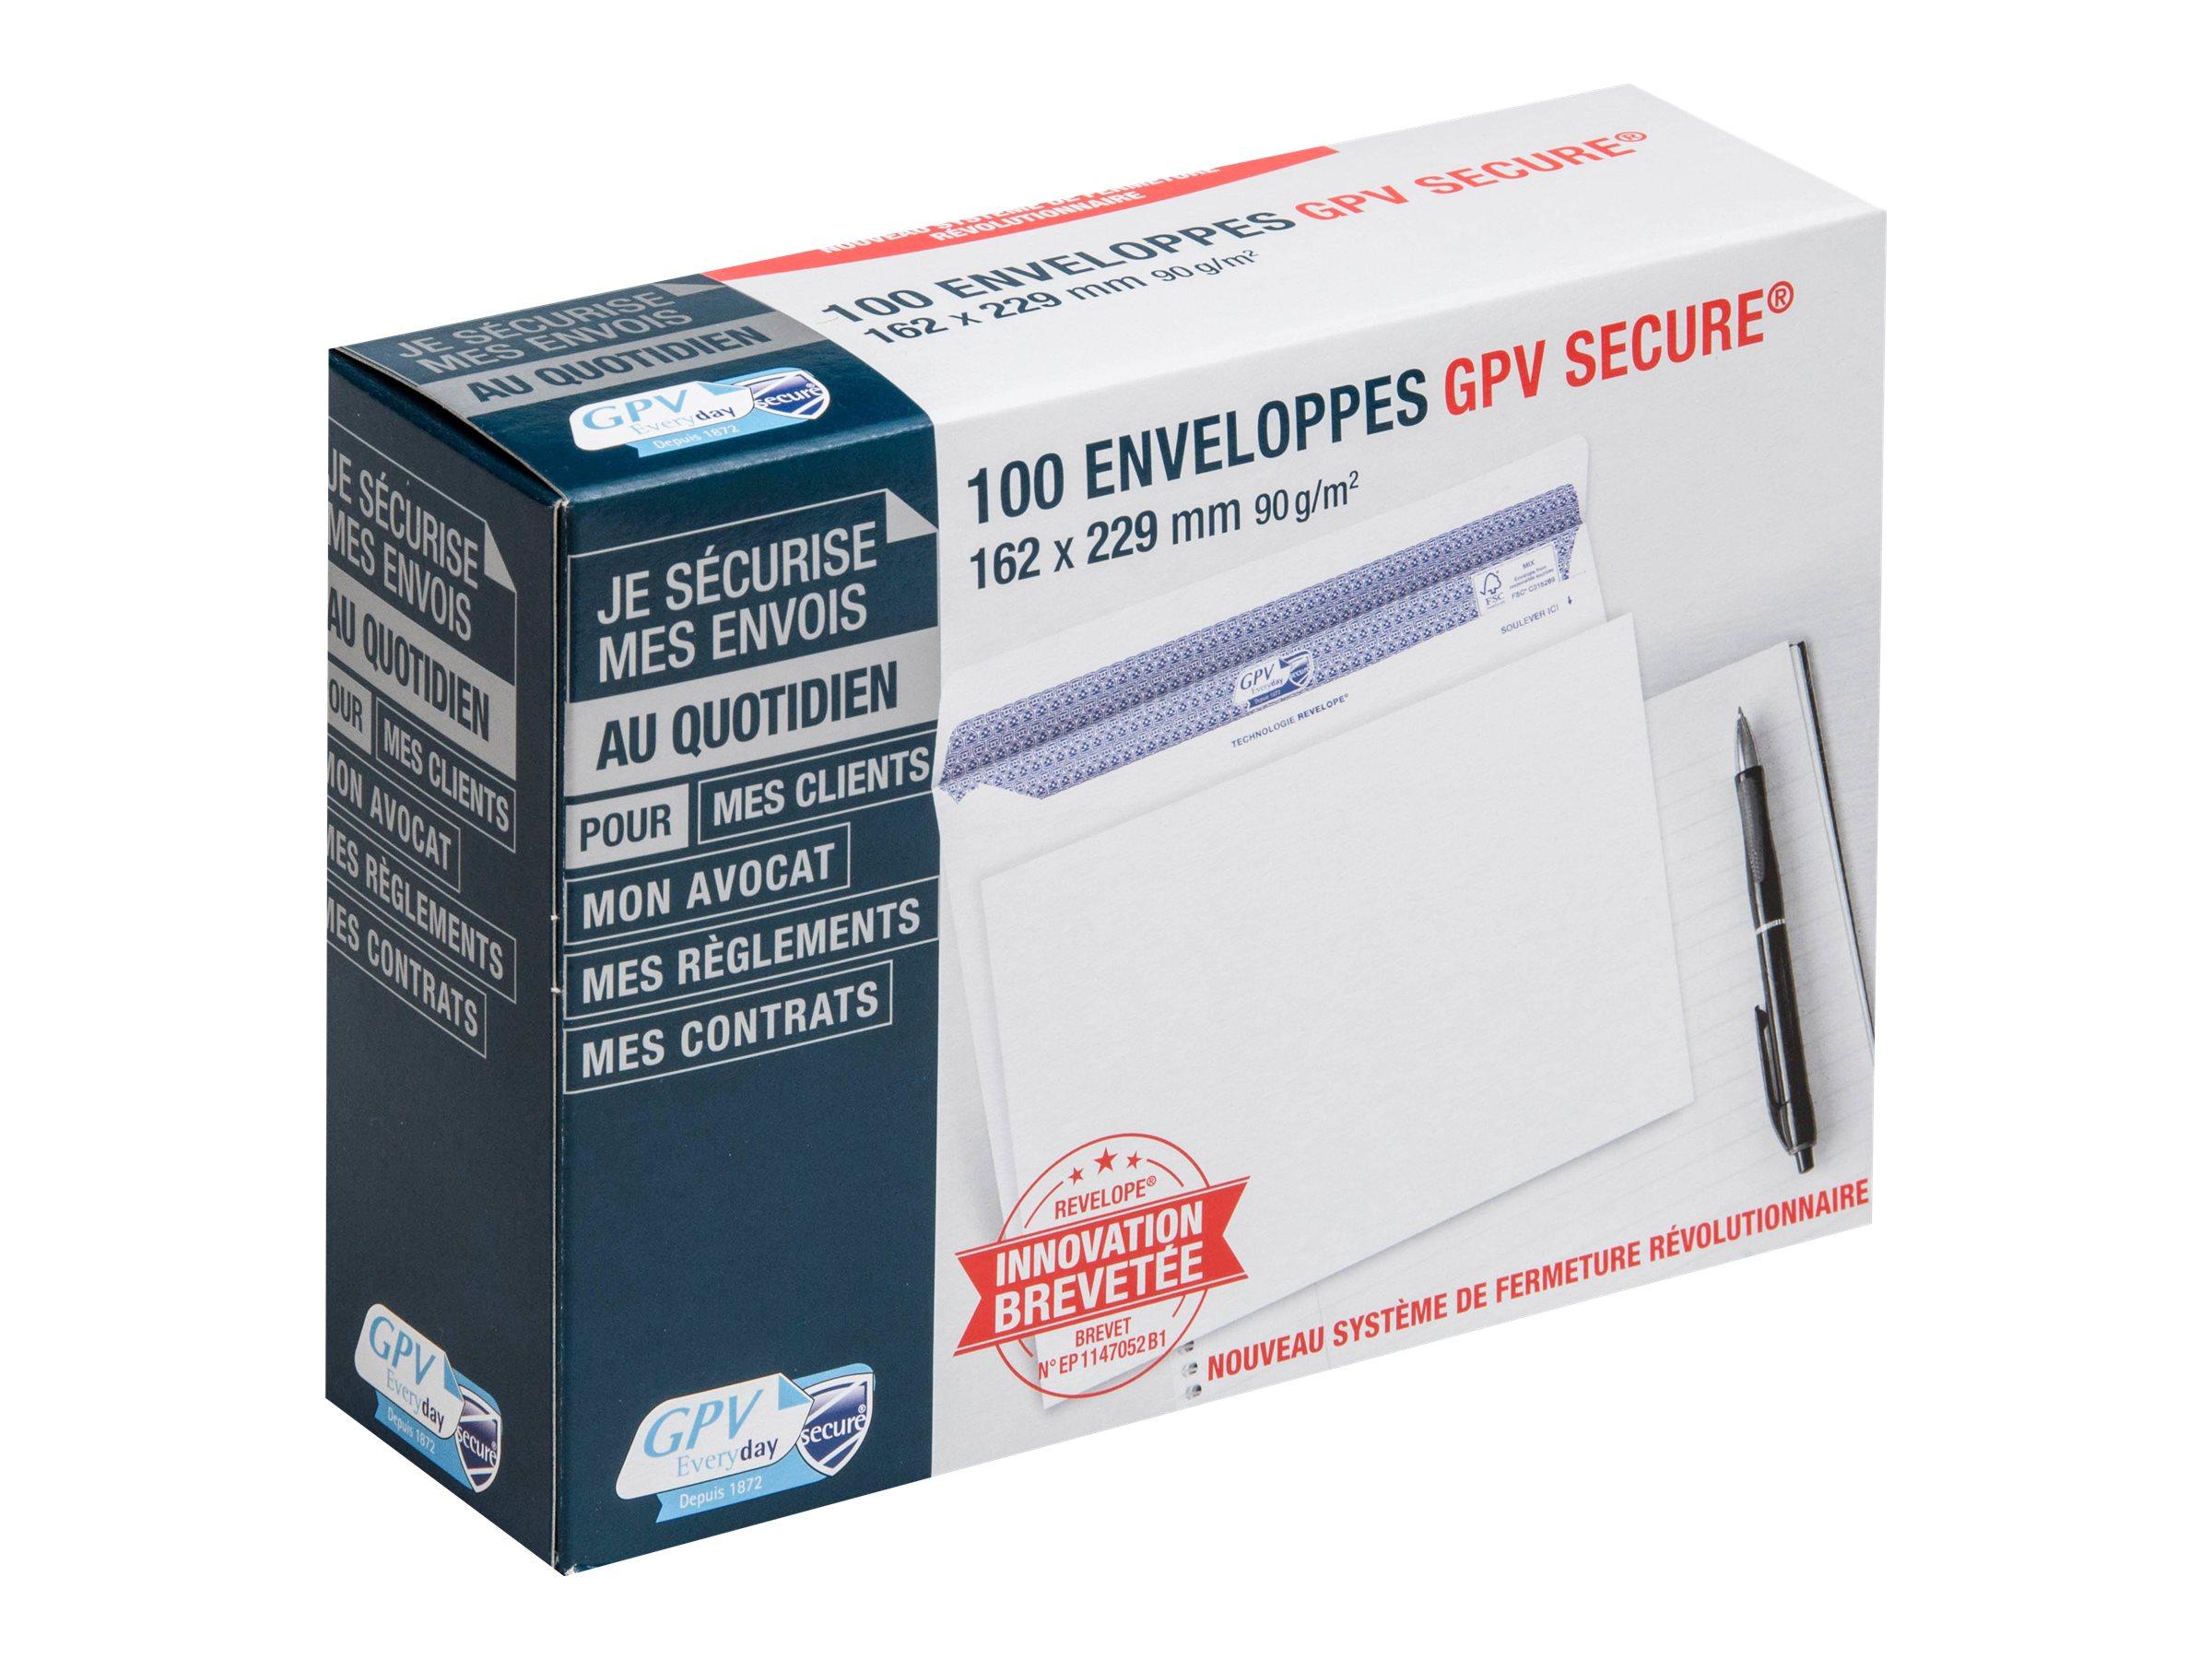 GPV Secure - 100 Enveloppes C5 162 x 229 mm - 90 gr - sans fenêtre - blanc - autocollante